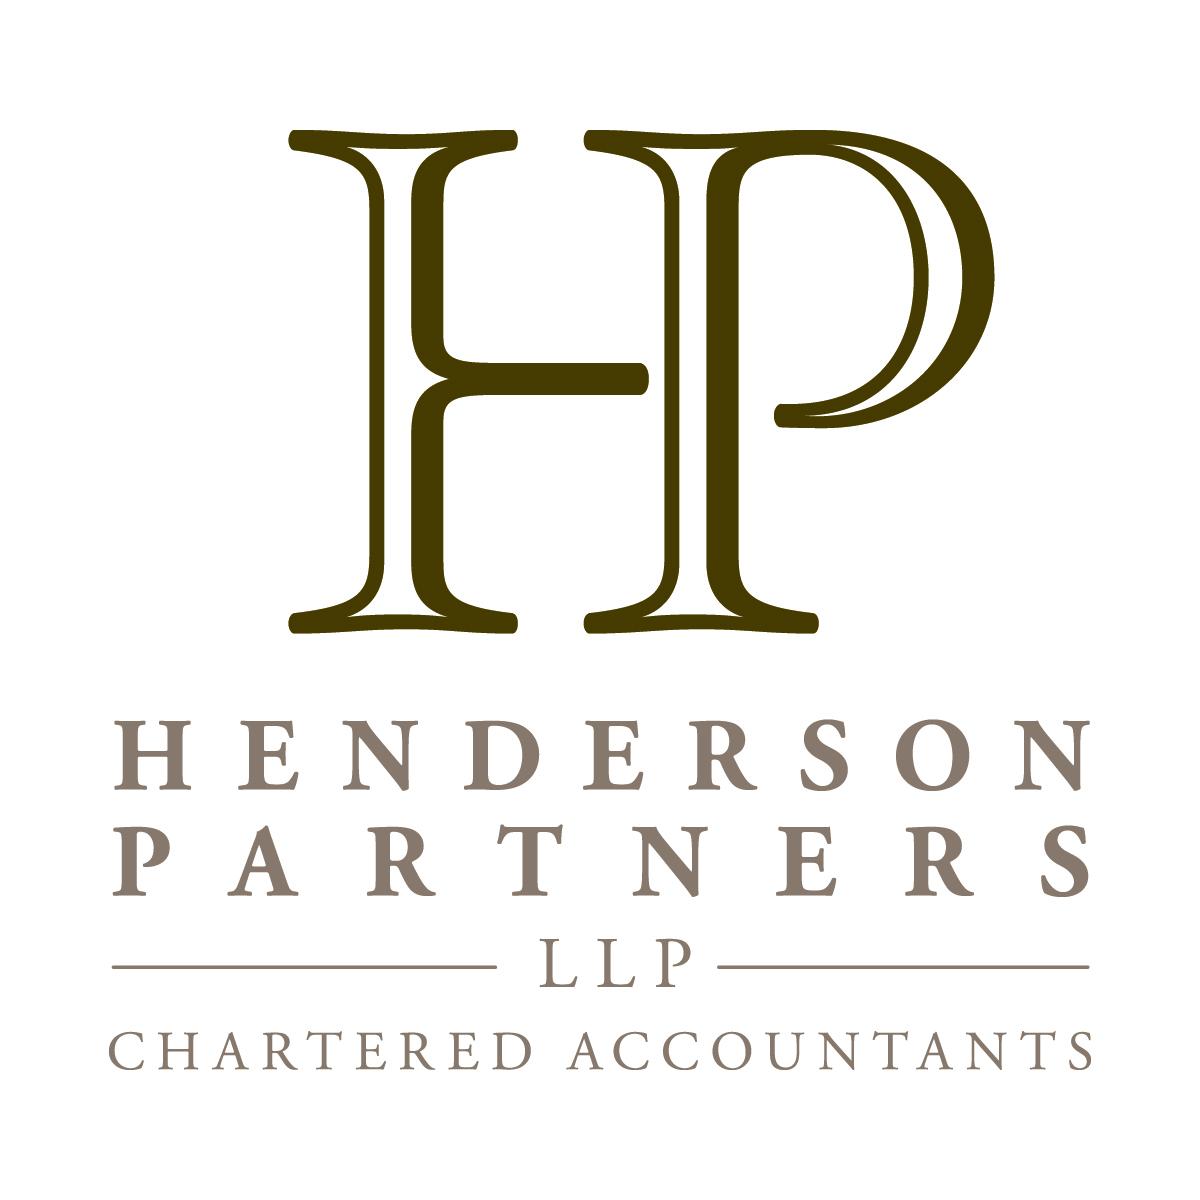 Hendersons